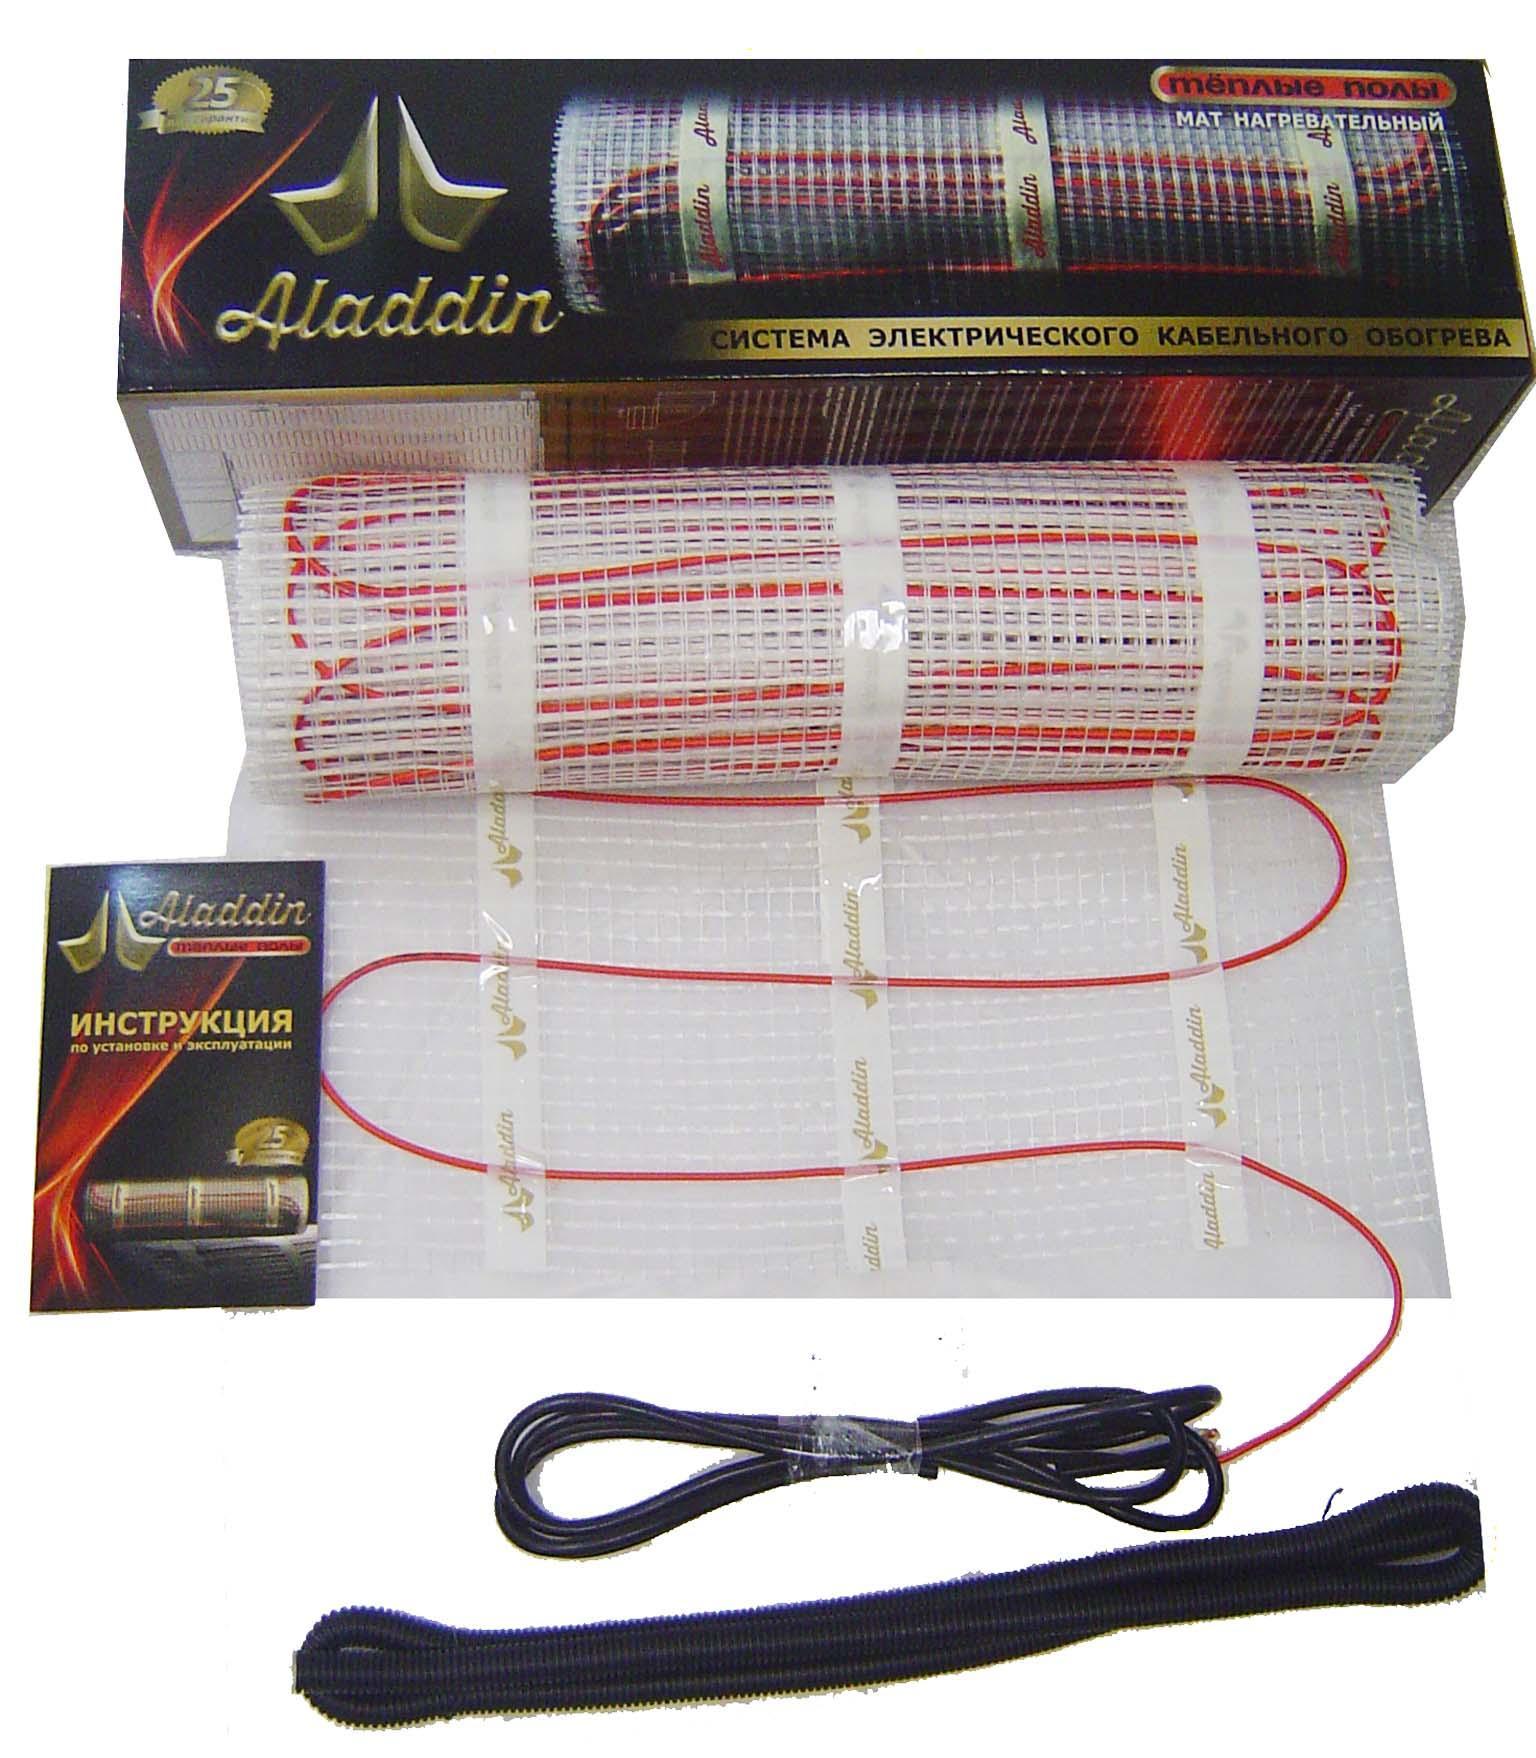 Нагревательный кабель ALADDIN HMT-4,0-600 Ватт